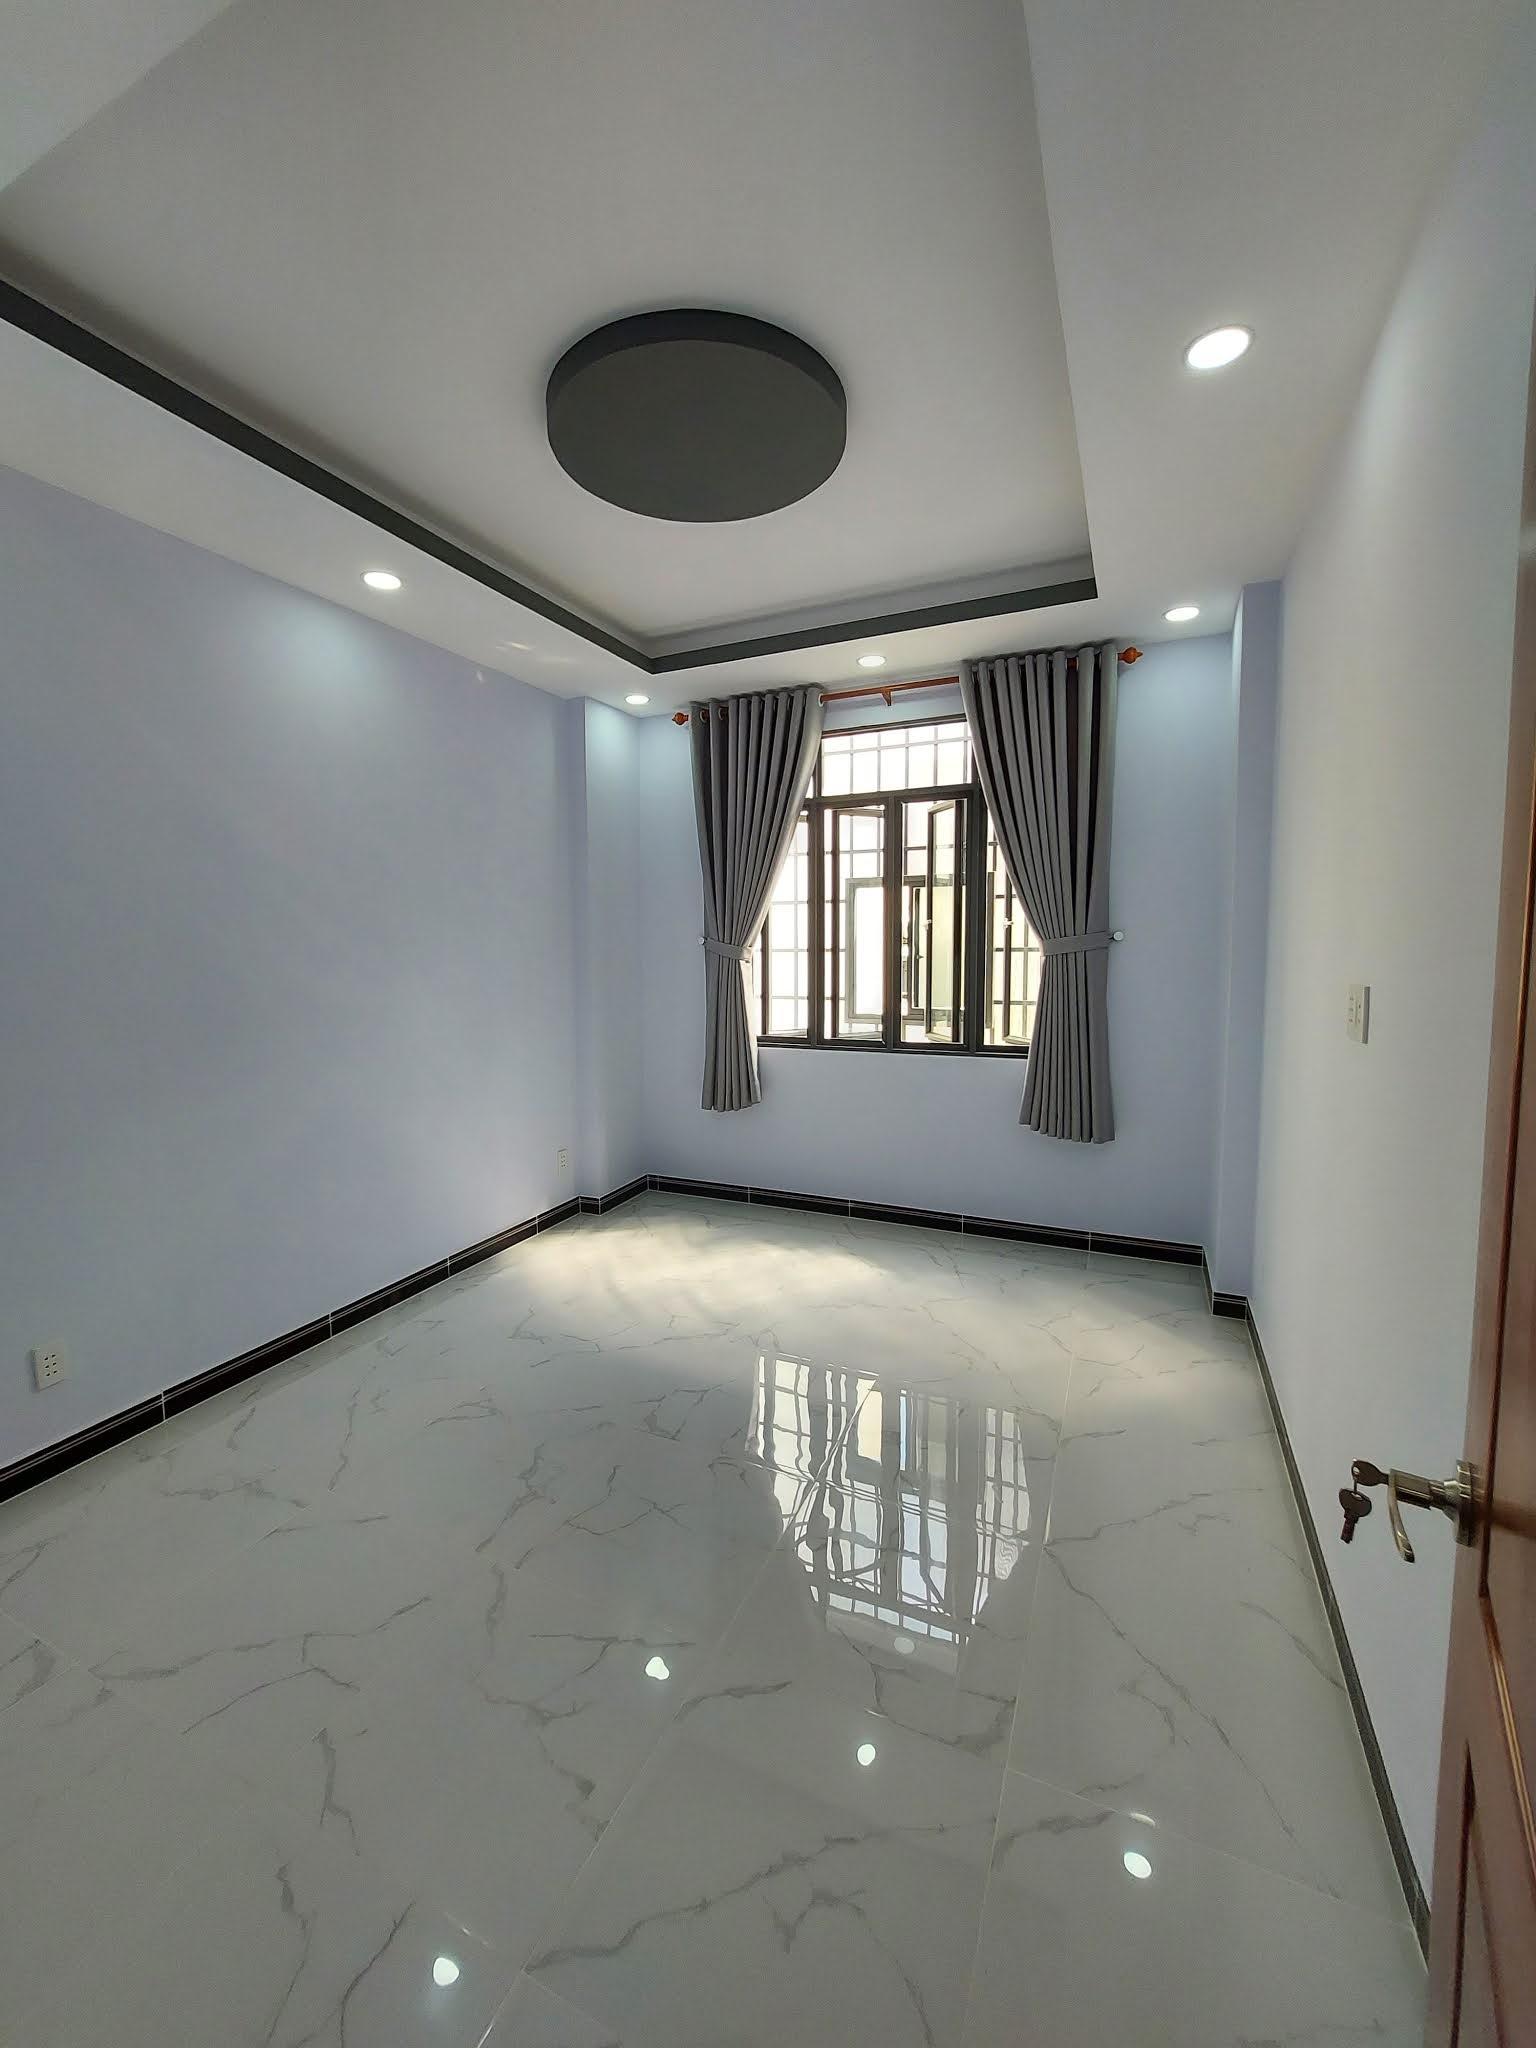 Bán nhà hẻm 451 Phạm Thế Hiển phường 3 Quận 8 mới xây cực đẹp